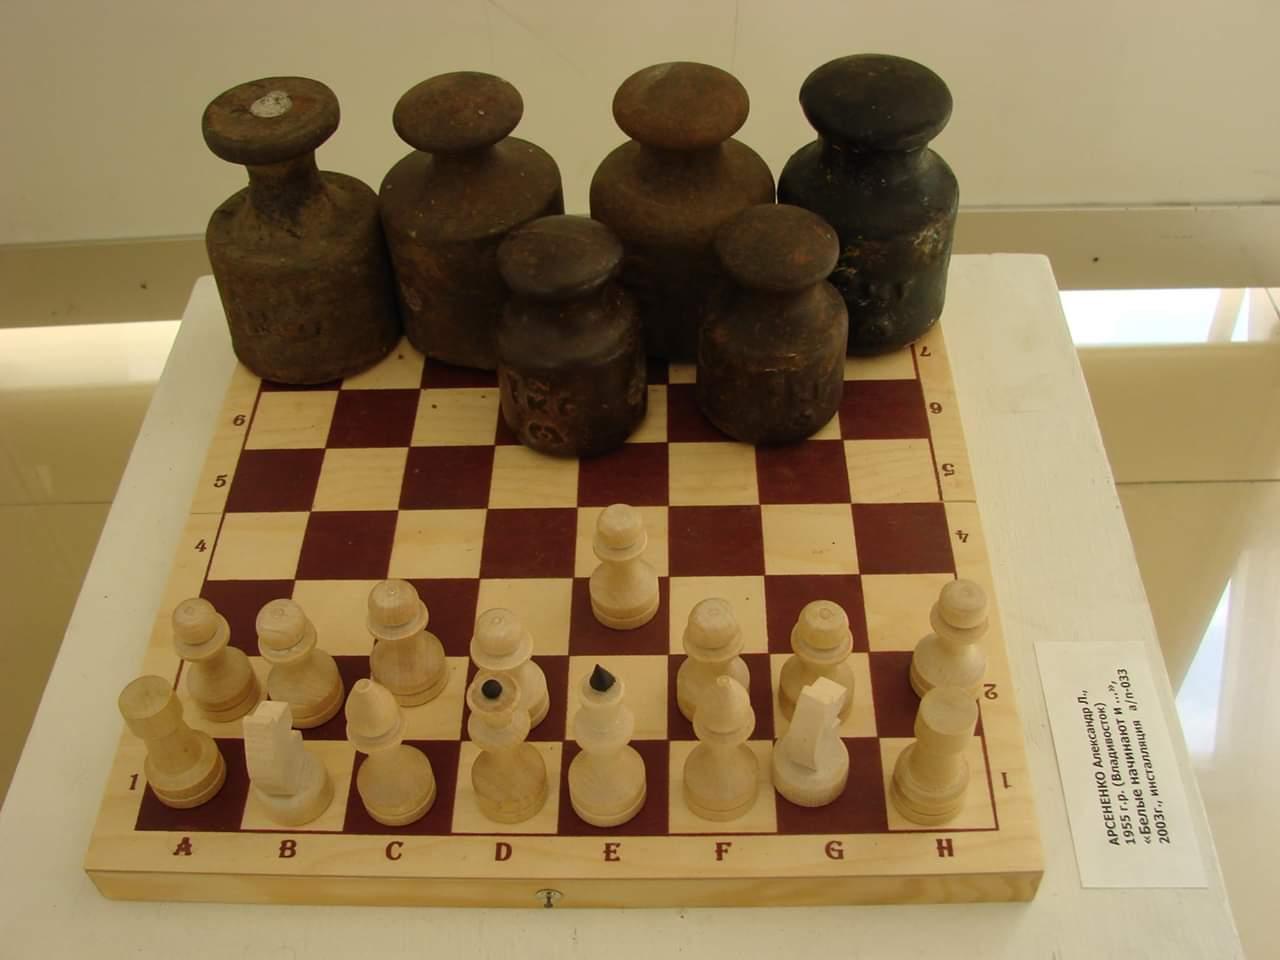 Шахматисты смешные картинки, картинка аварец поздравительная